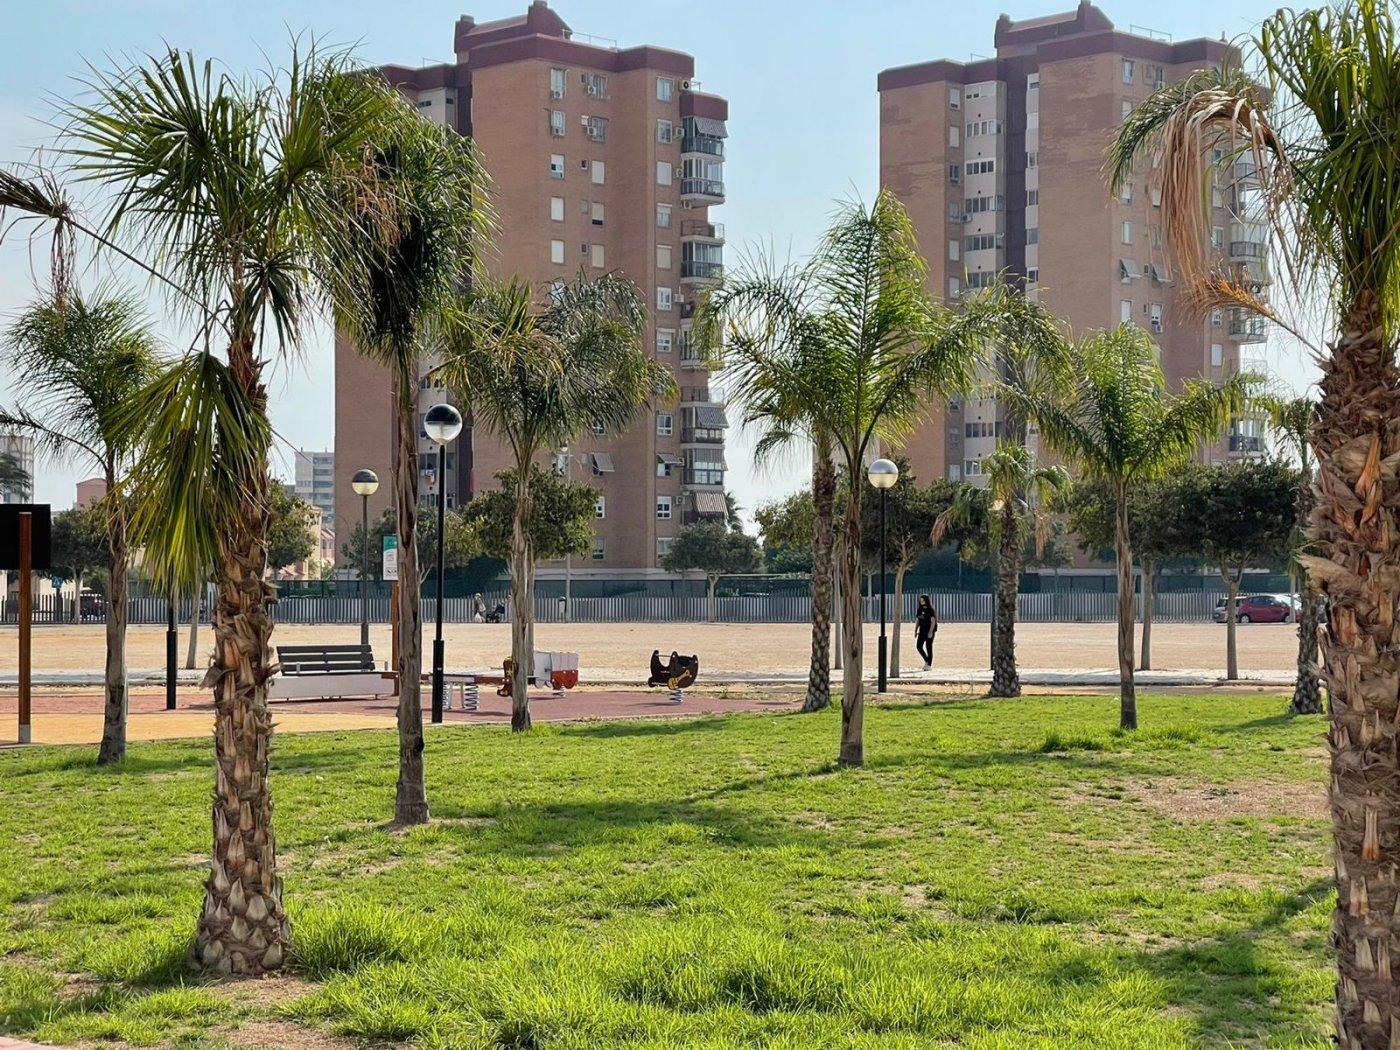 Urbanización, vvda en alquiler amueblada con garaje y trastero. 5 min. playa - imagenInmueble27